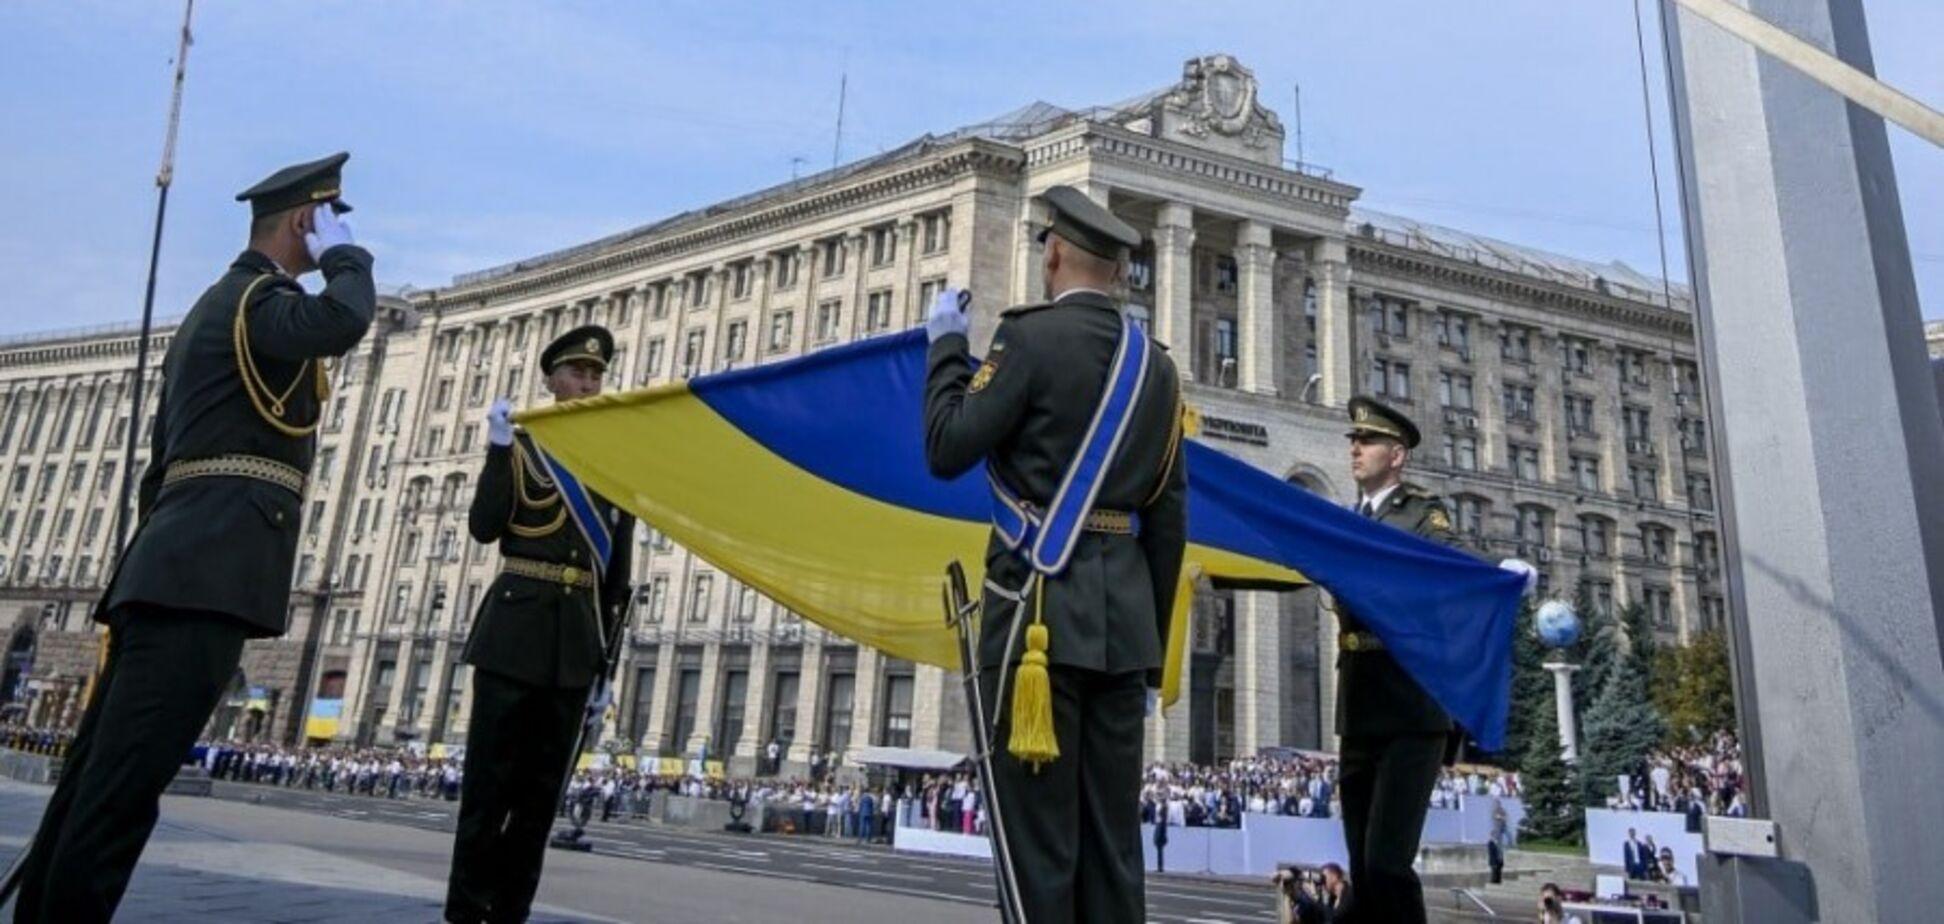 Каждый день Независимости Украины – это напоминание России о ее позоре и никчемности